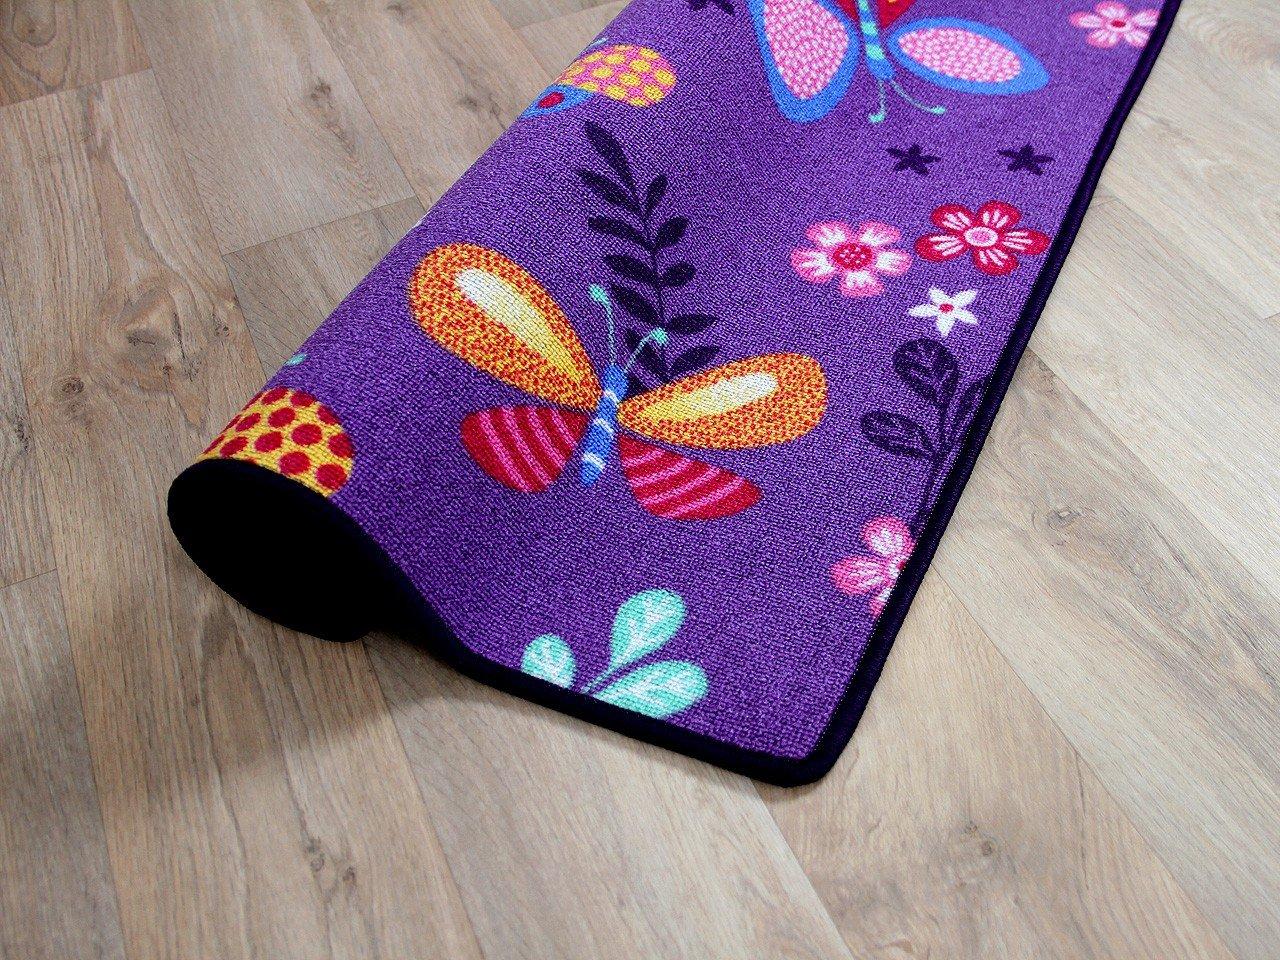 Snapstyle Kinder Spiel Teppich Schmetterling Lila in in in 24 Größen B00XMB79L2 Teppiche c2ee96